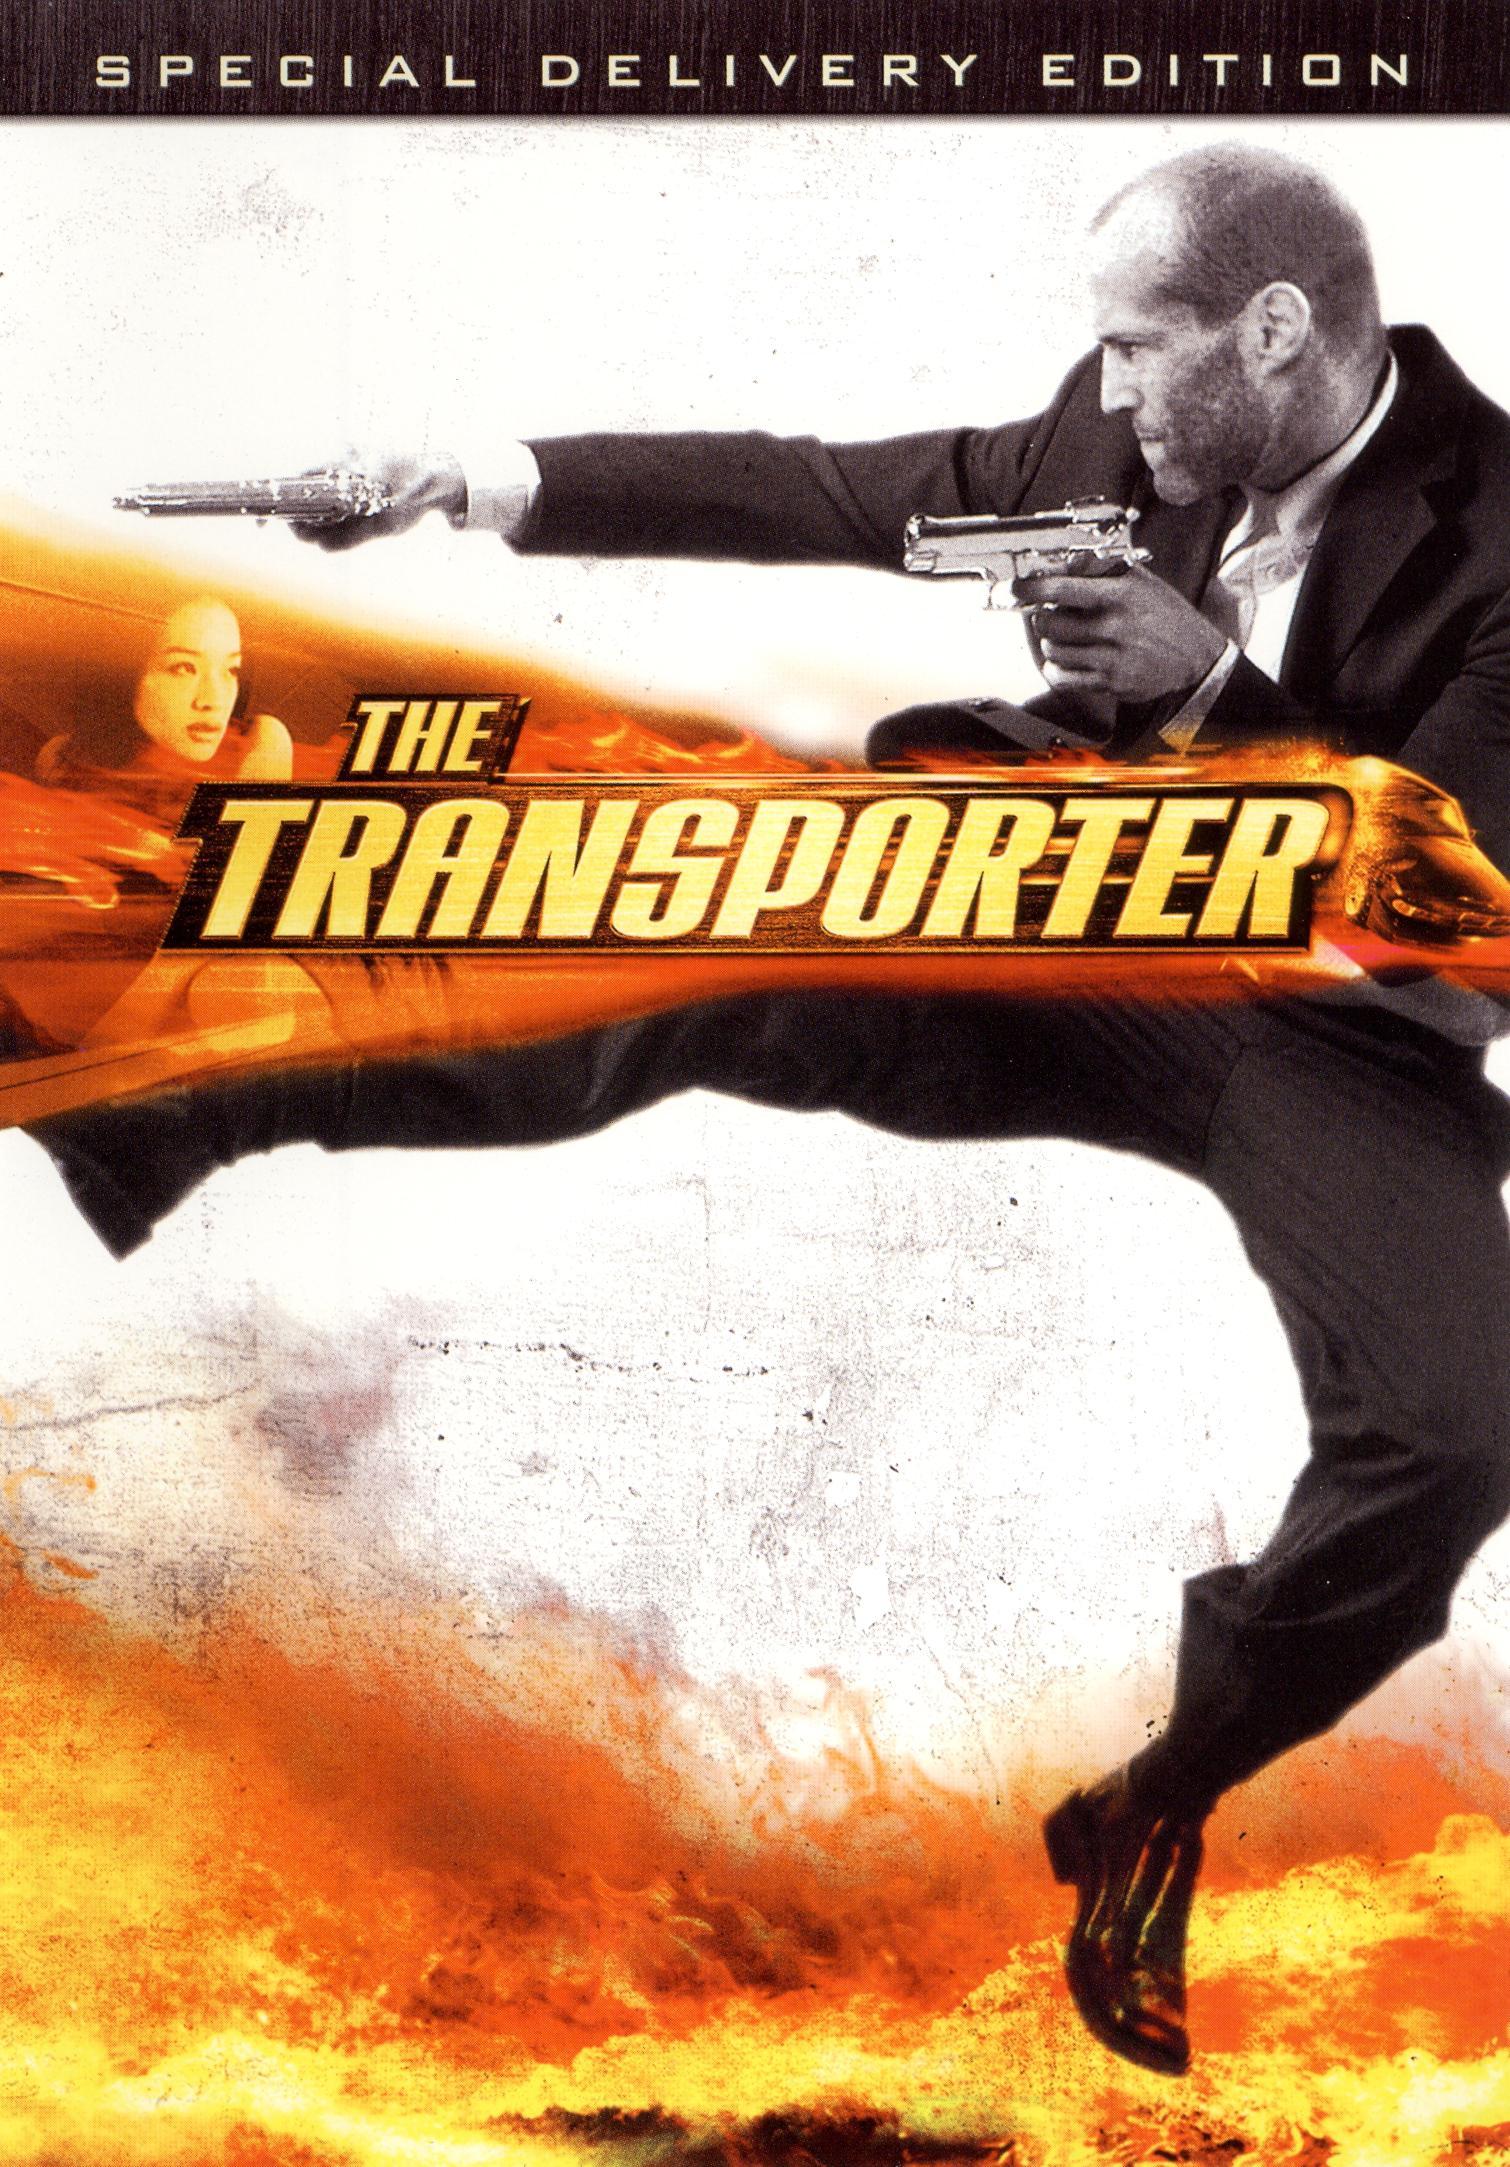 دانلود فیلم The Transporter 2002 با دوبله فارسی